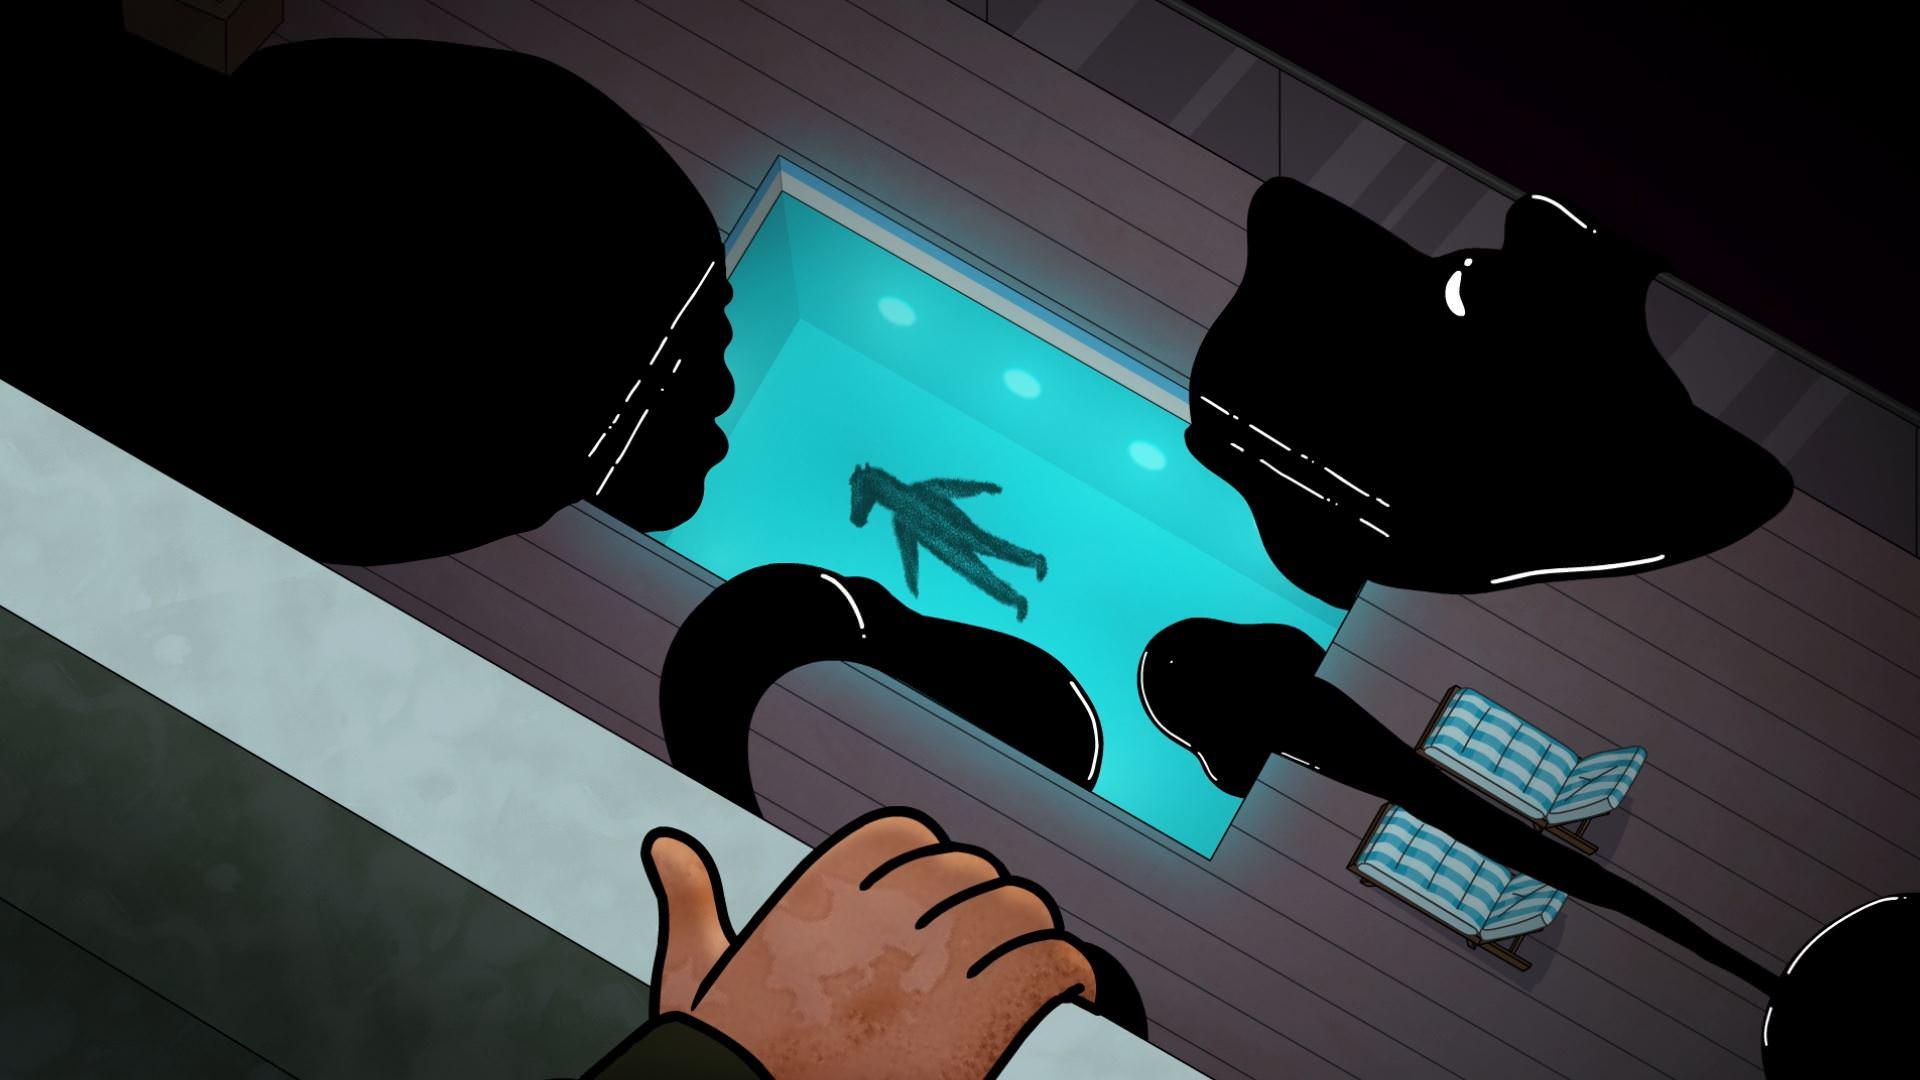 بوجک با جنازهاش در حین غرق شدن مواجه میشود  بوجک هورسمن